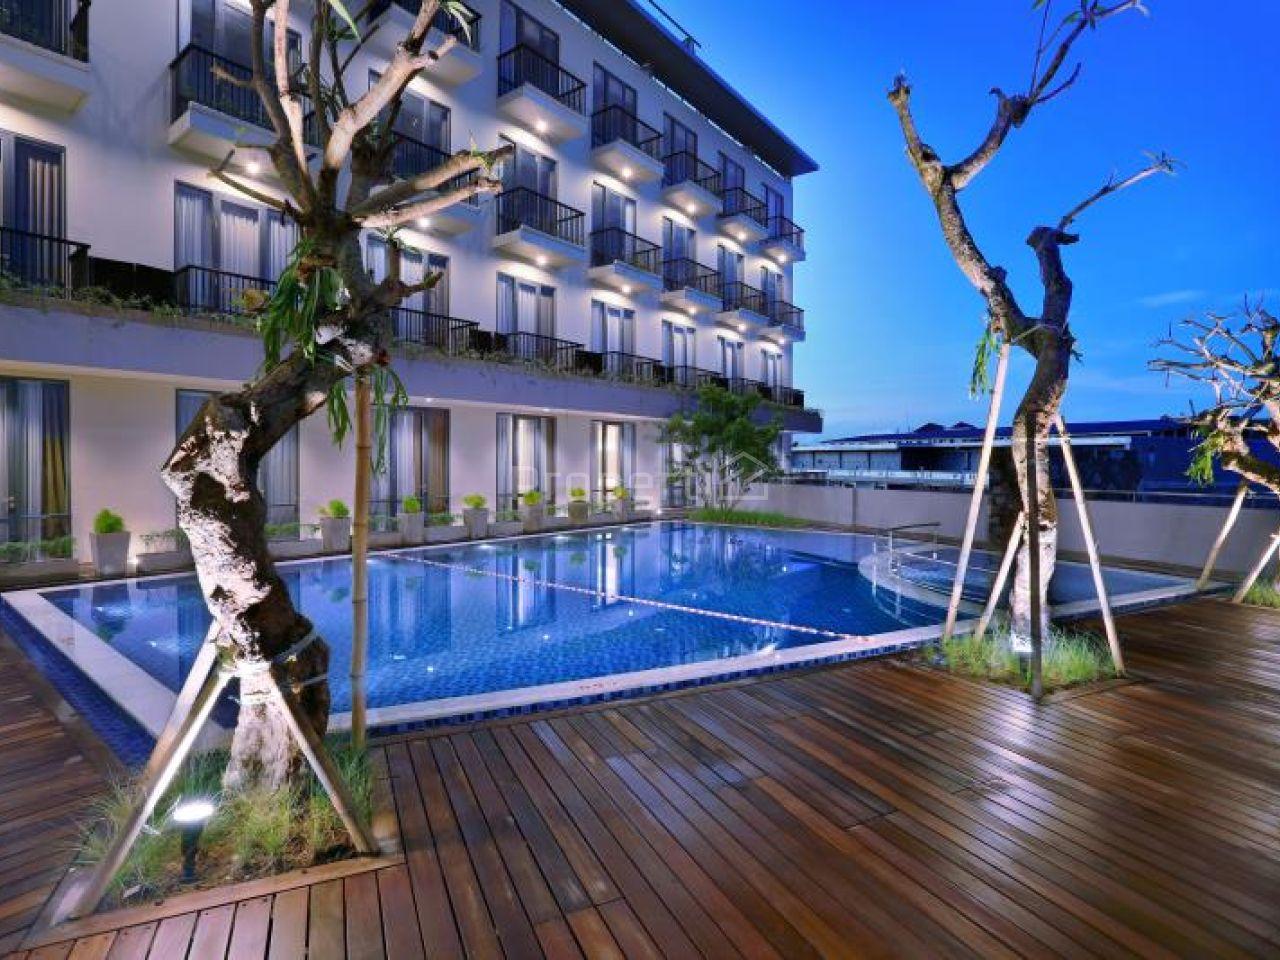 4 Star Hotel in Mataram City, Nusa Tenggara Barat